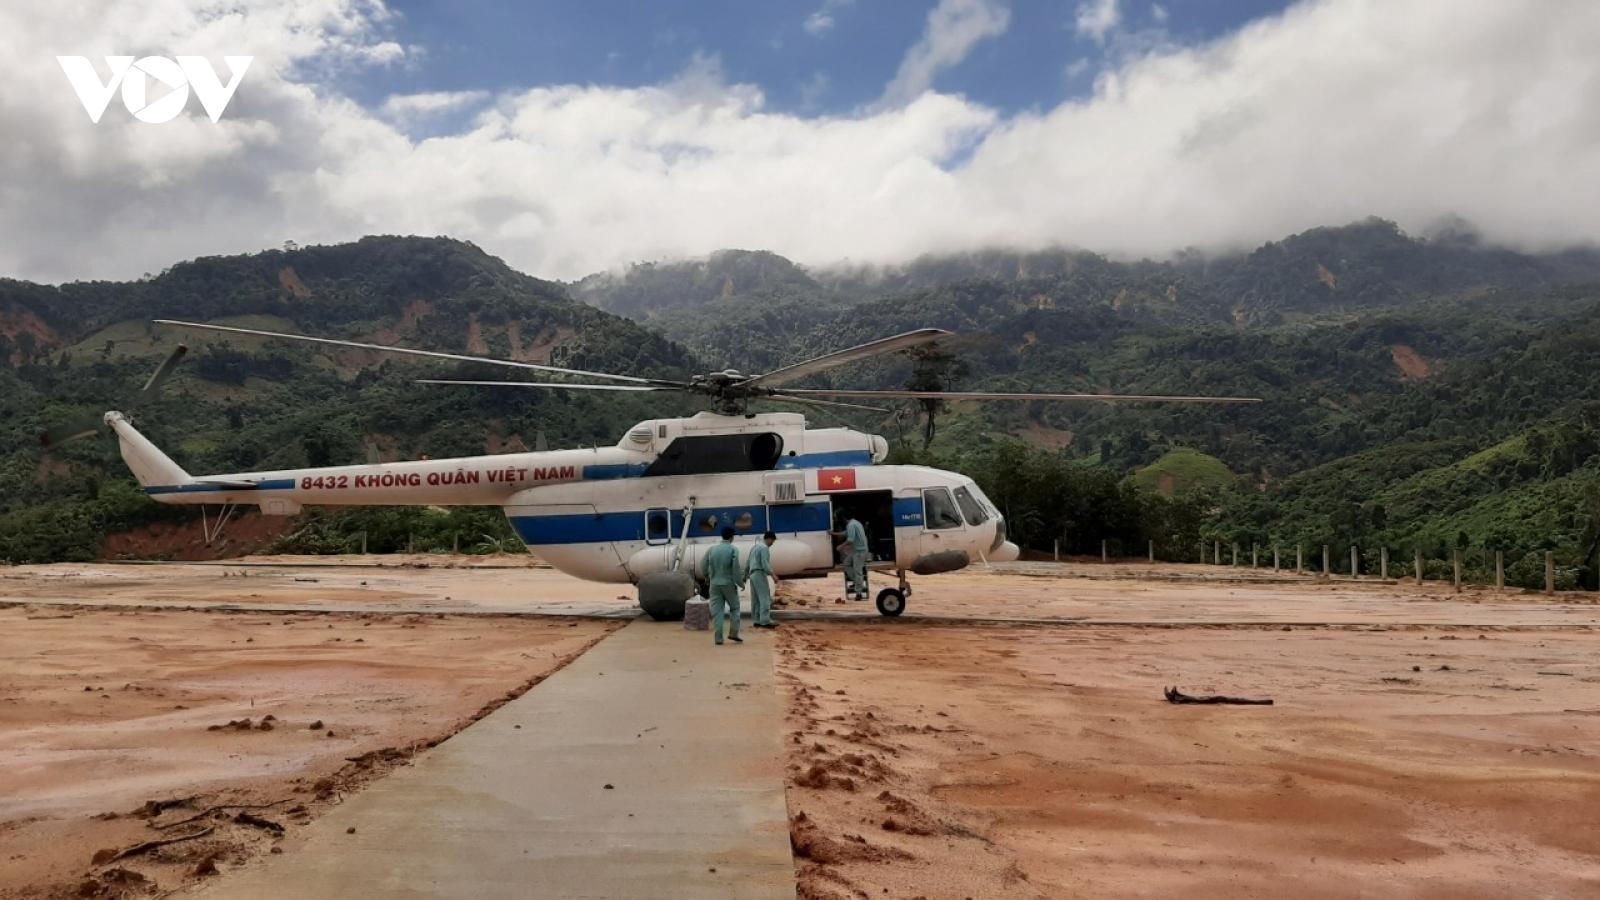 Cận cảnh trực thăng đưa hàng tiếp tế tới vùng cô lập ở Phước Sơn